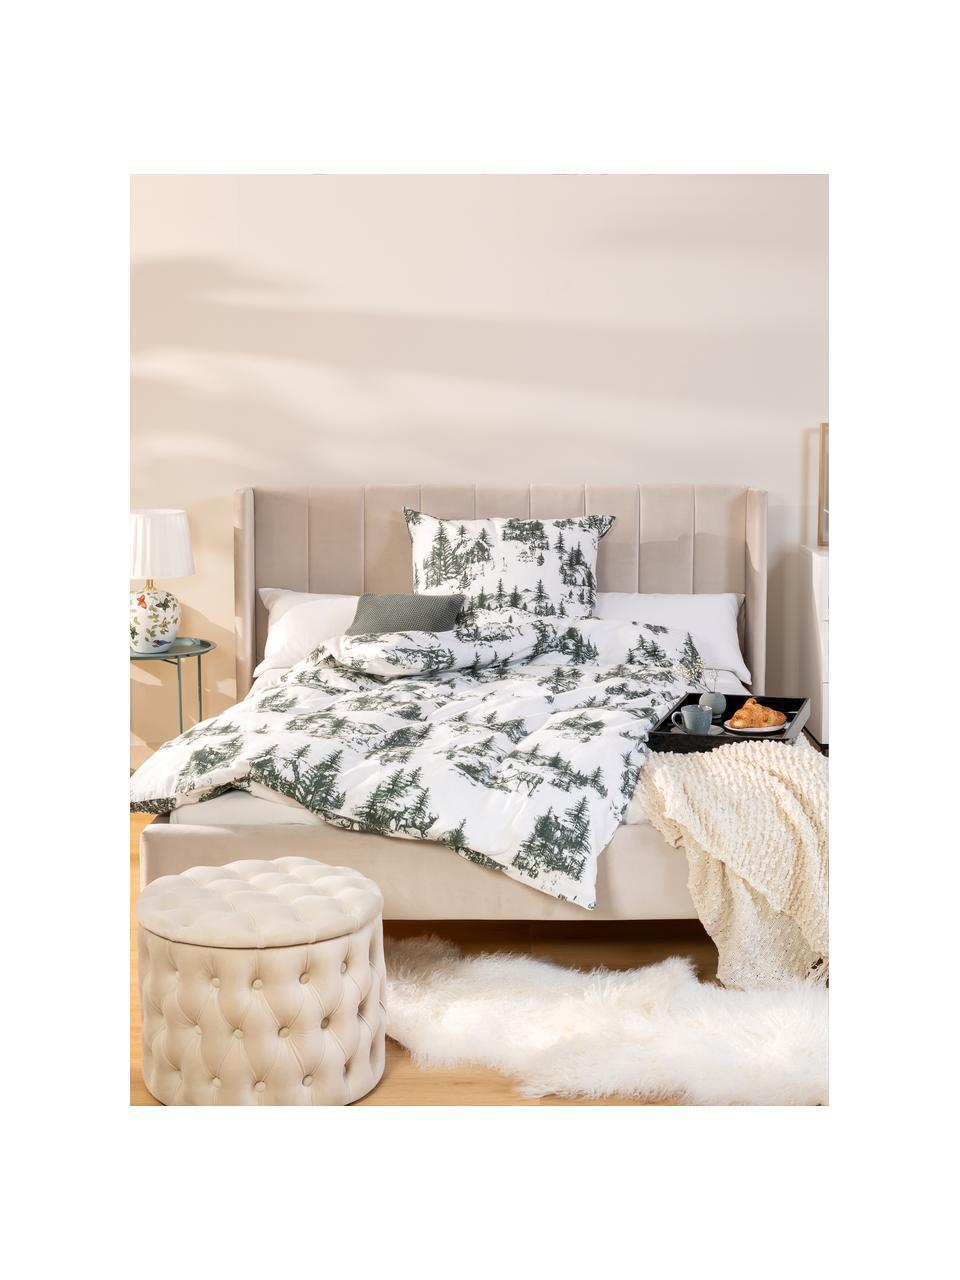 Flanell-Bettwäsche Nordic mit winterlichem Motiv in Grün/Weiß, Webart: Flanell Flanell ist ein k, Grün, Weiß, 135 x 200 cm + 1 Kissen 80 x 80 cm